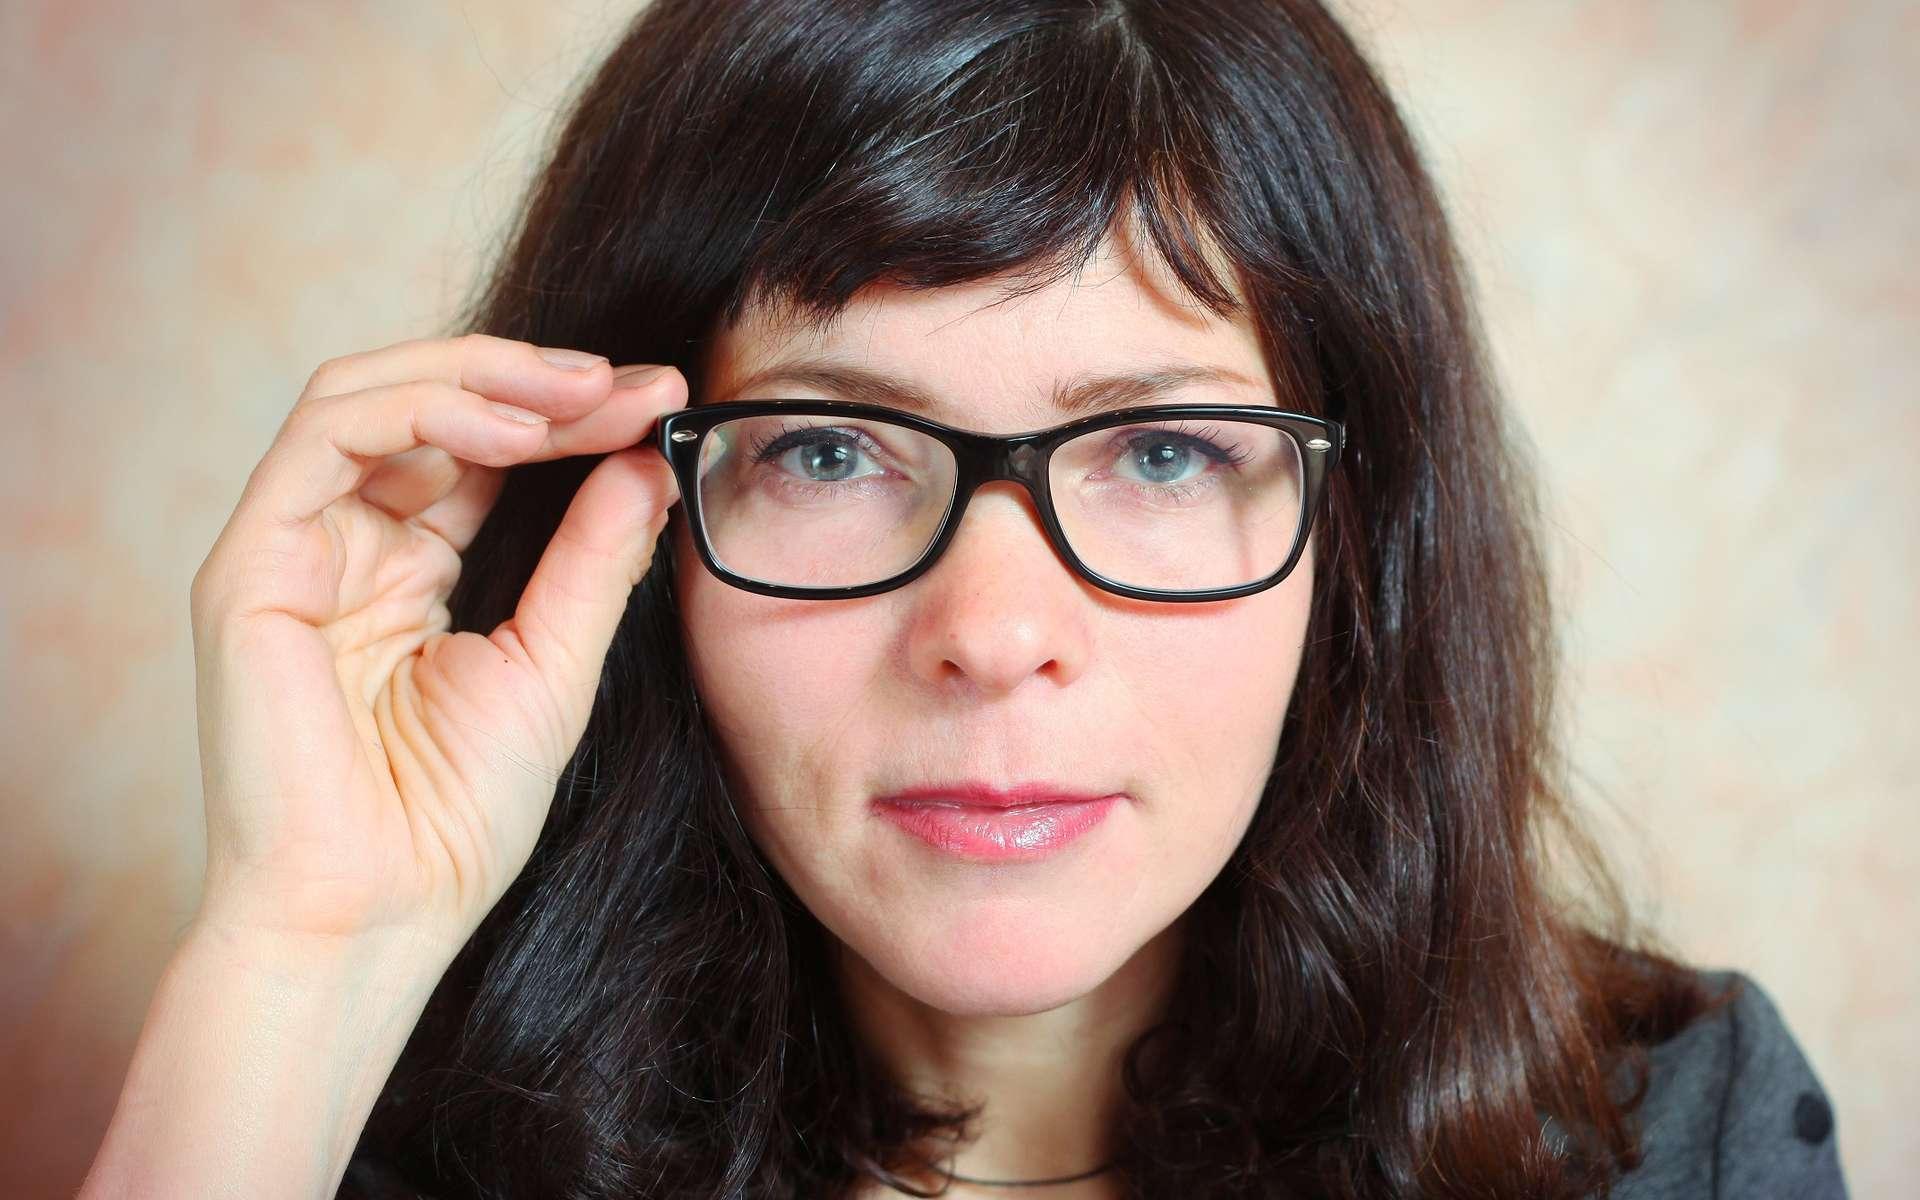 Les ophtalmologues doivent se préparer à l'épidémie de myopie annoncée. © Lapina, Shutterstock